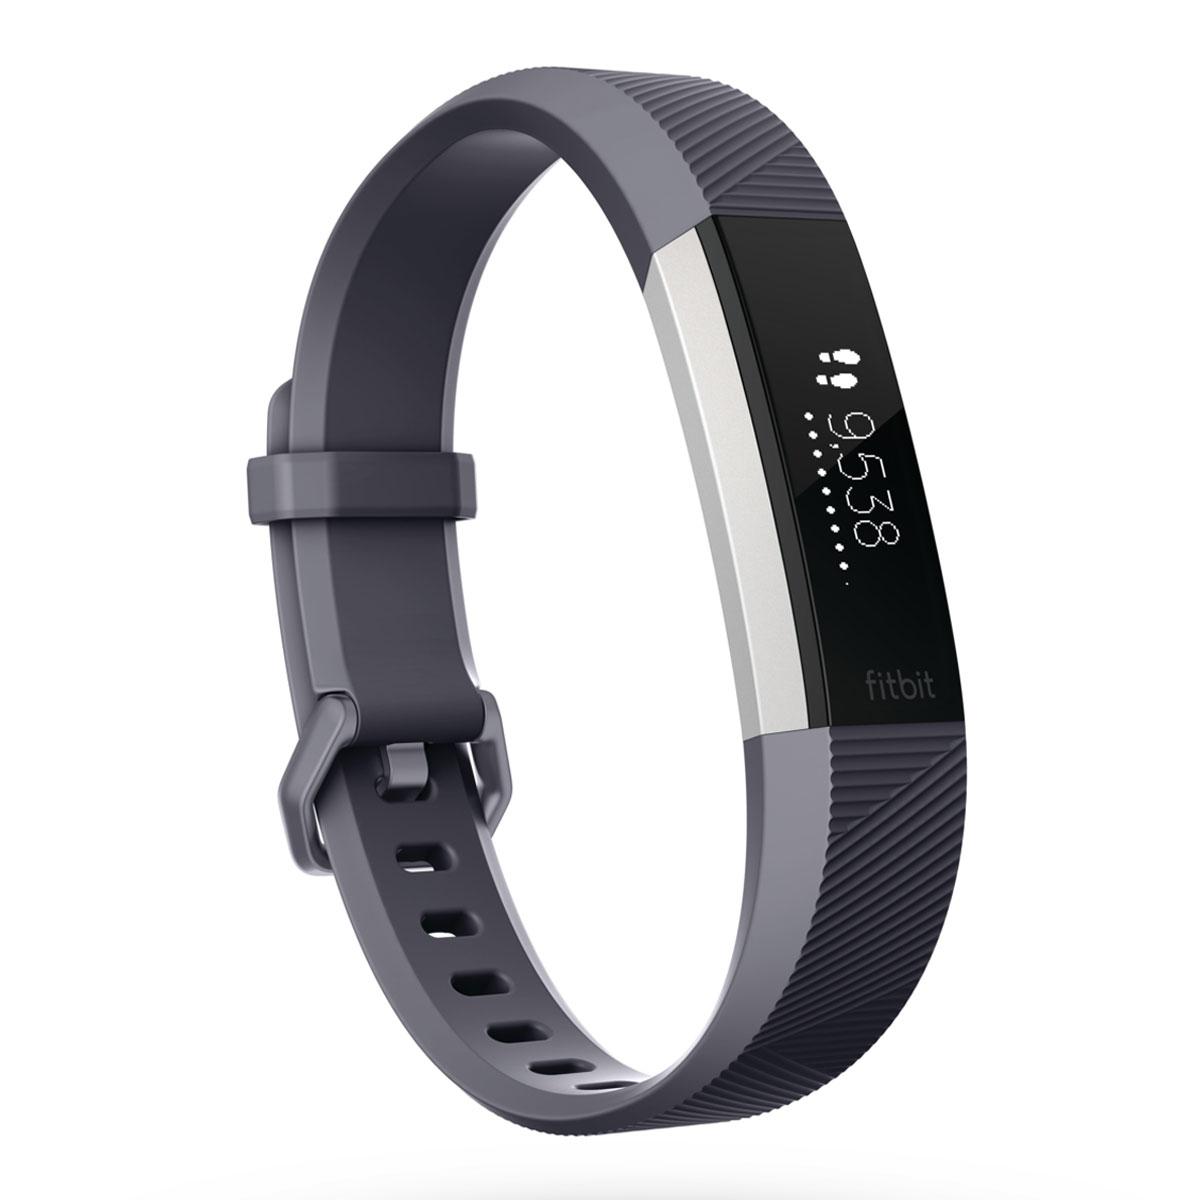 Bracelet connecté Fitbit Alta HR Bleu/Gris L Coach électronique sans fil amovible résistant à l'eau pour smartphone iOS / Android / Windows